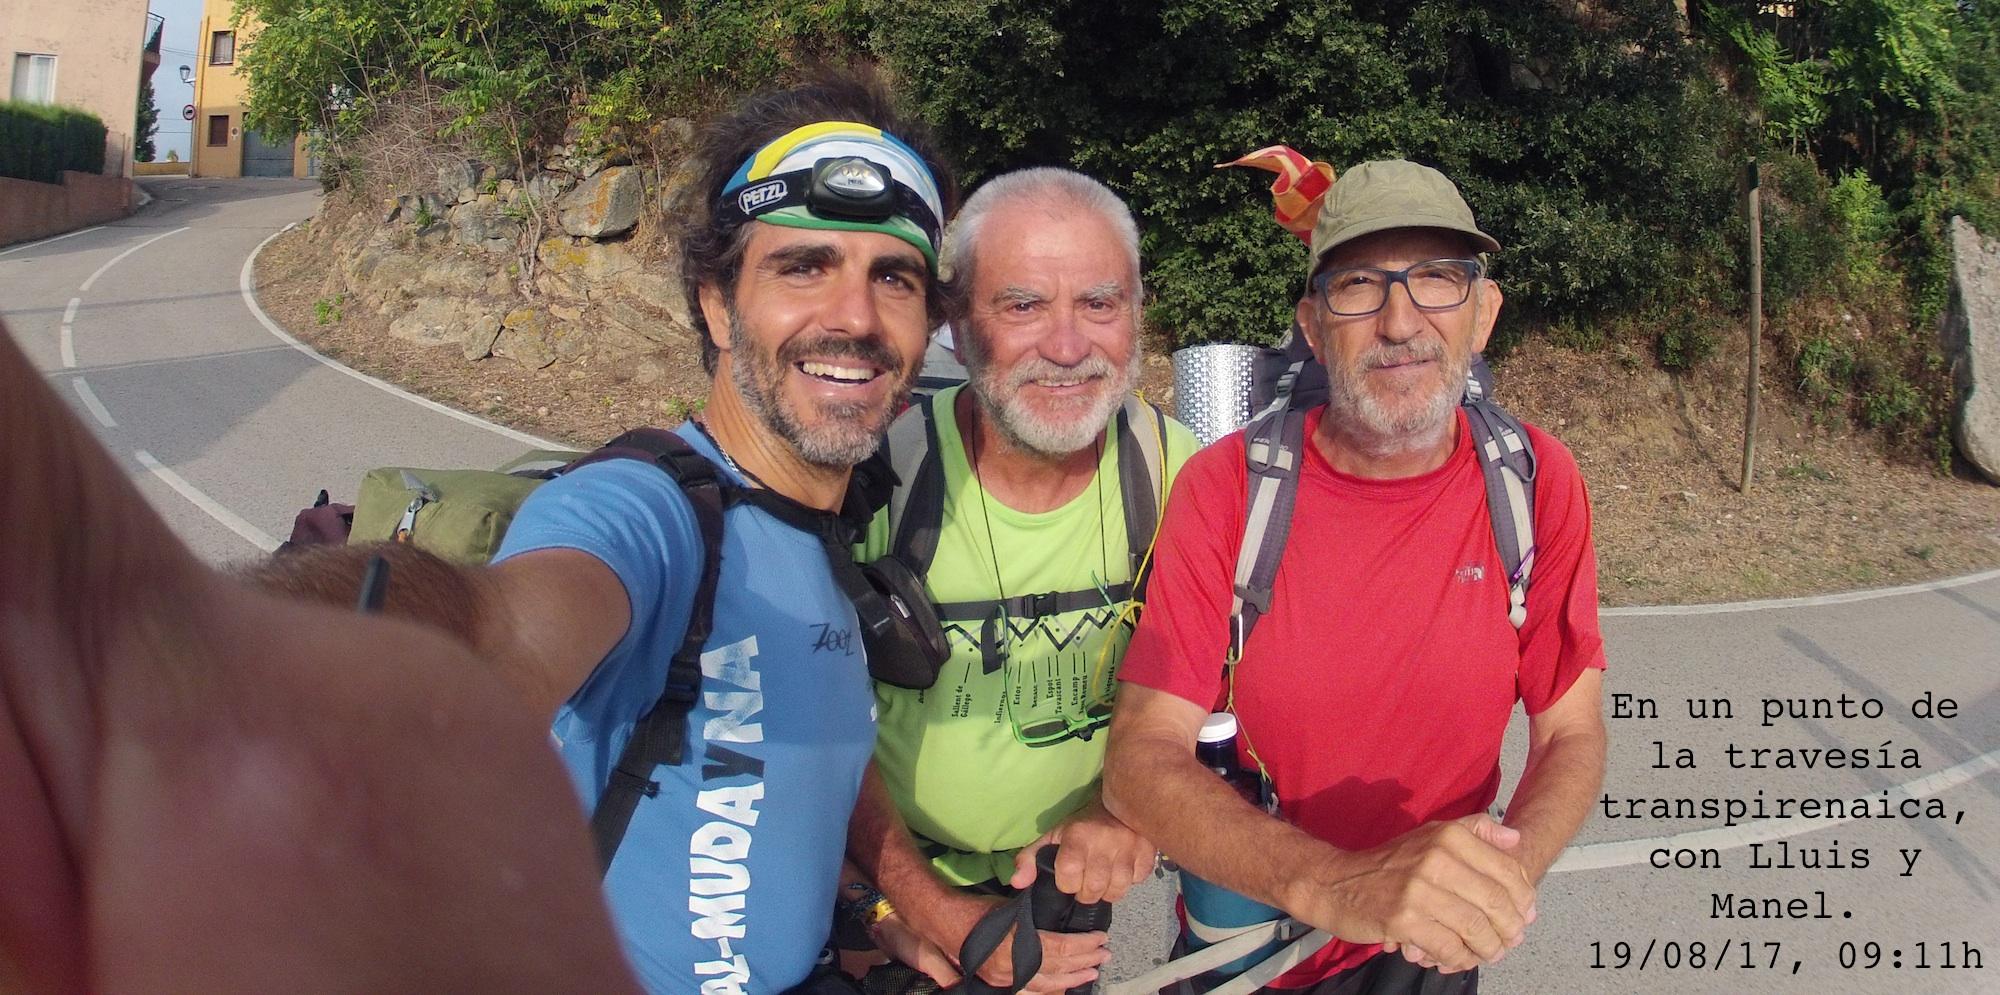 Angel, Lluis y Manel, en algún lugar del GR11